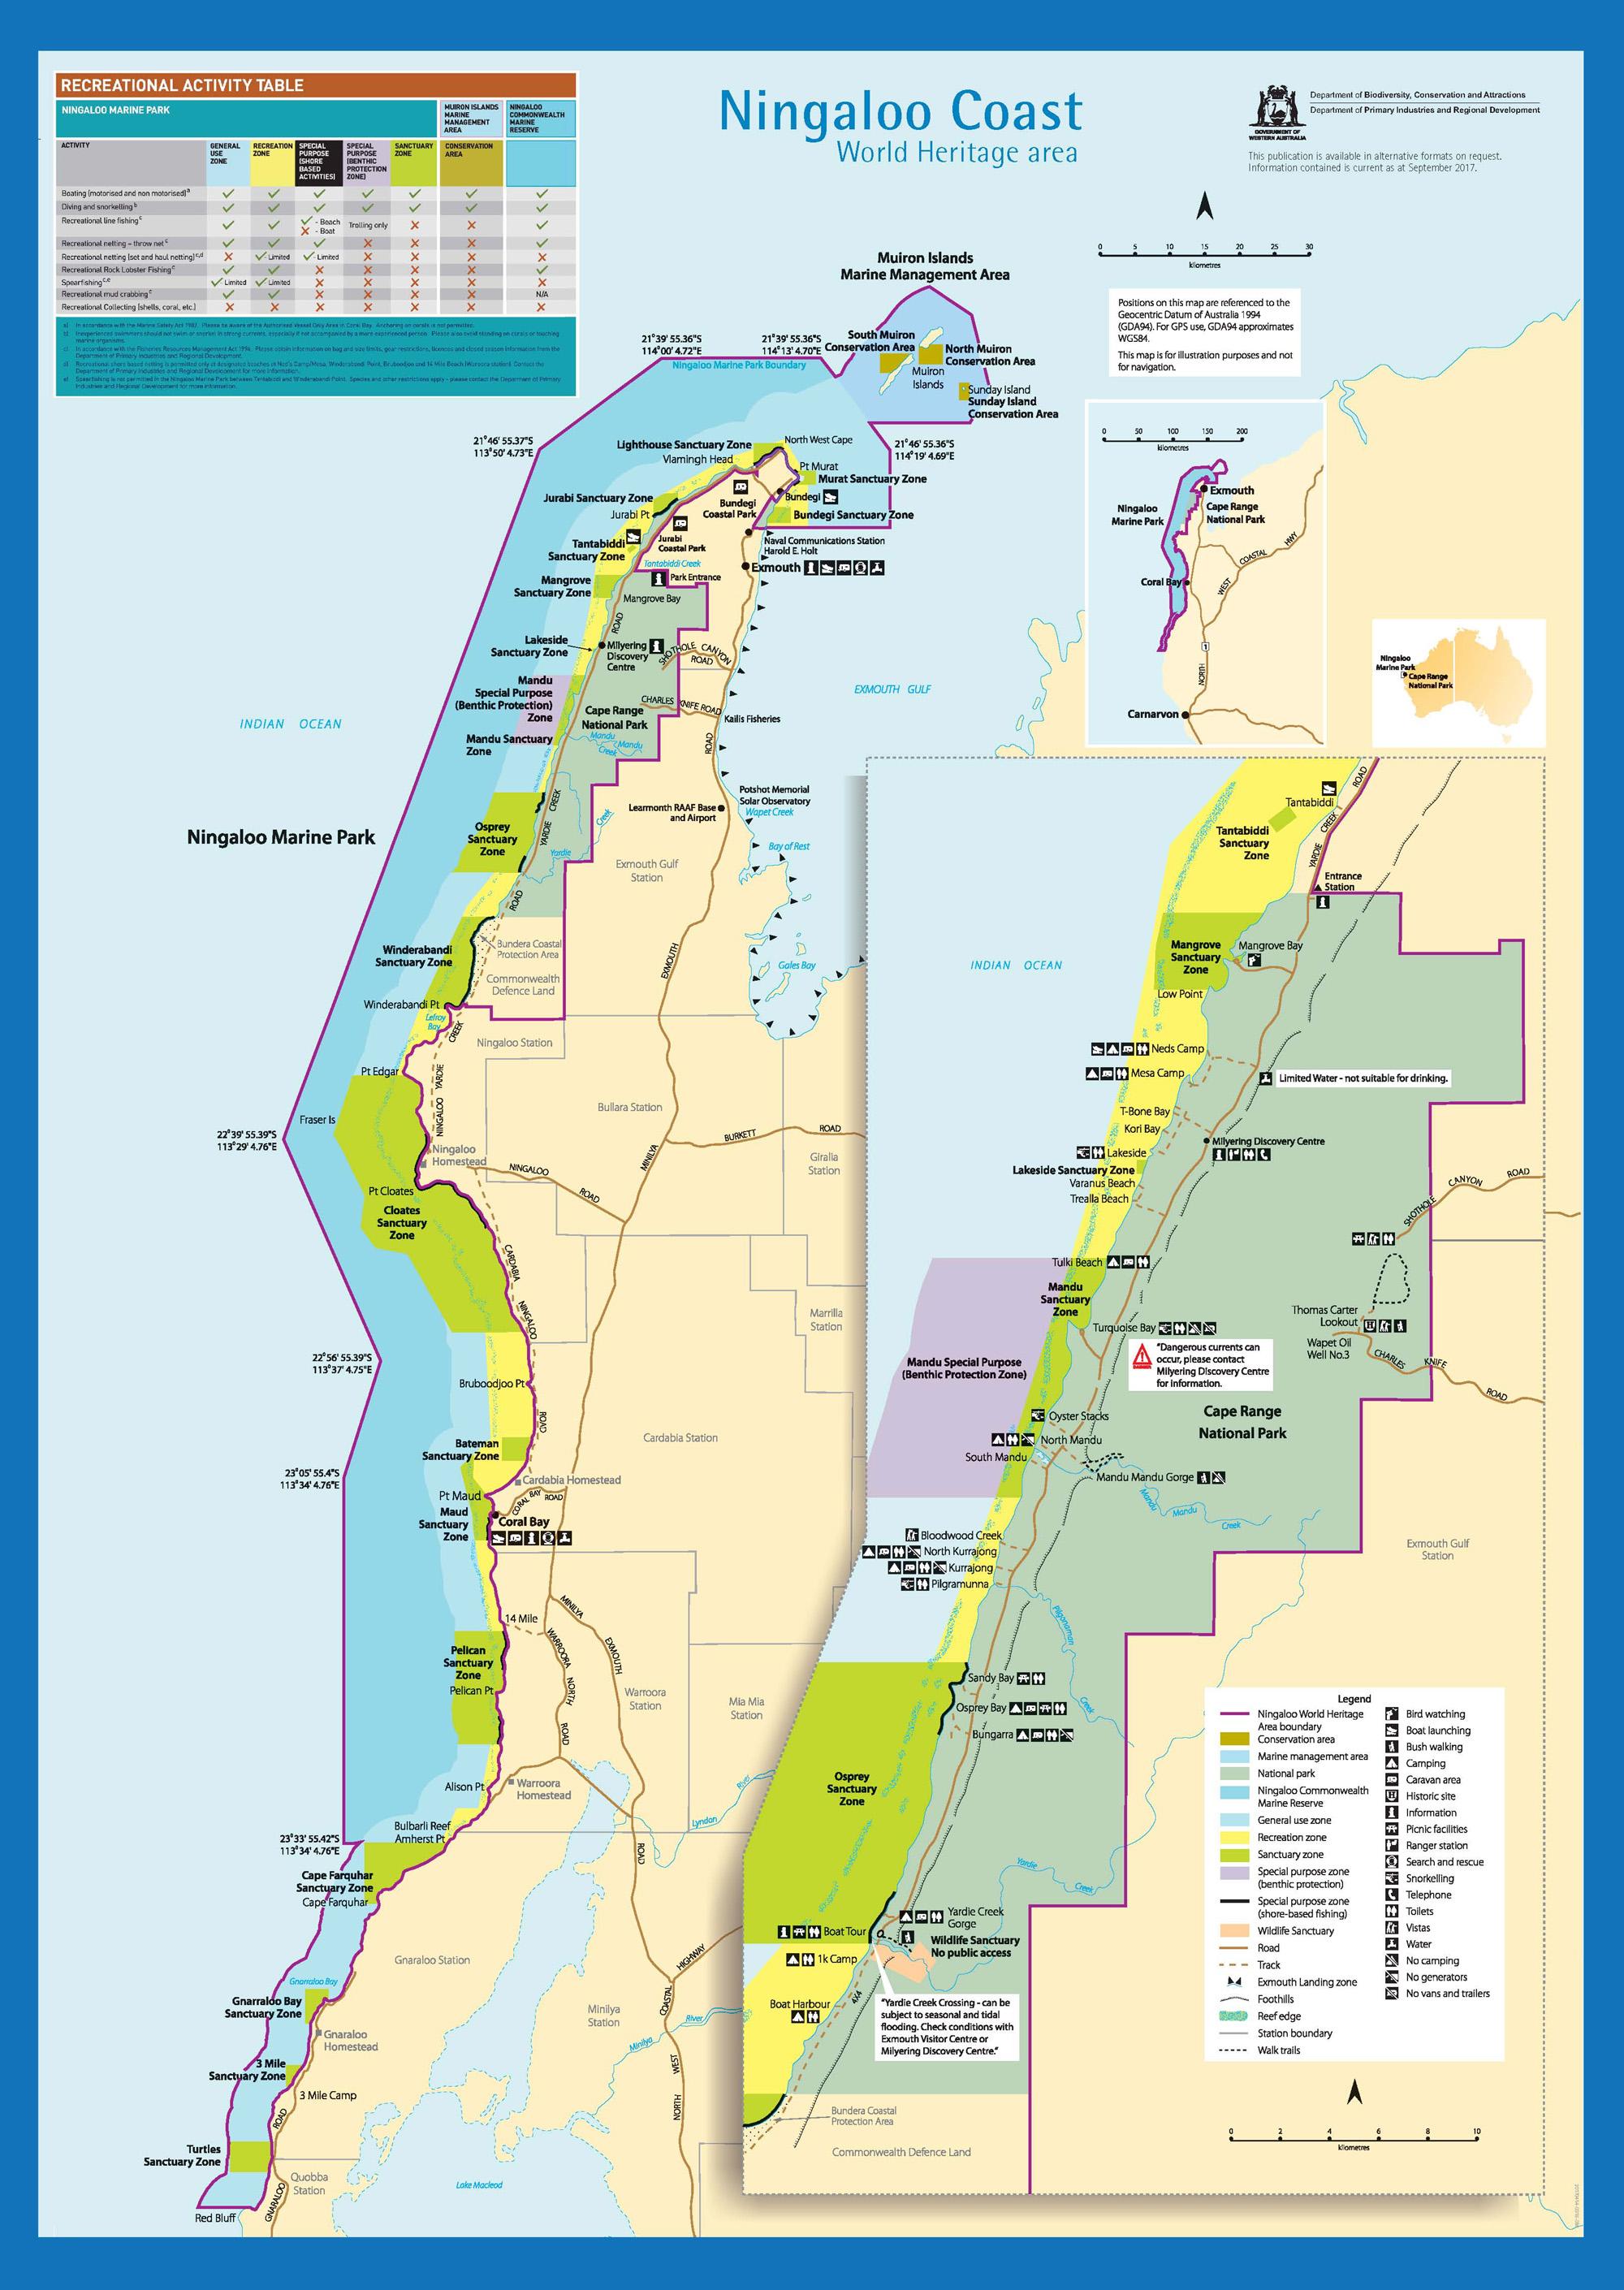 Ningaloo Marine Park Sanctuaries